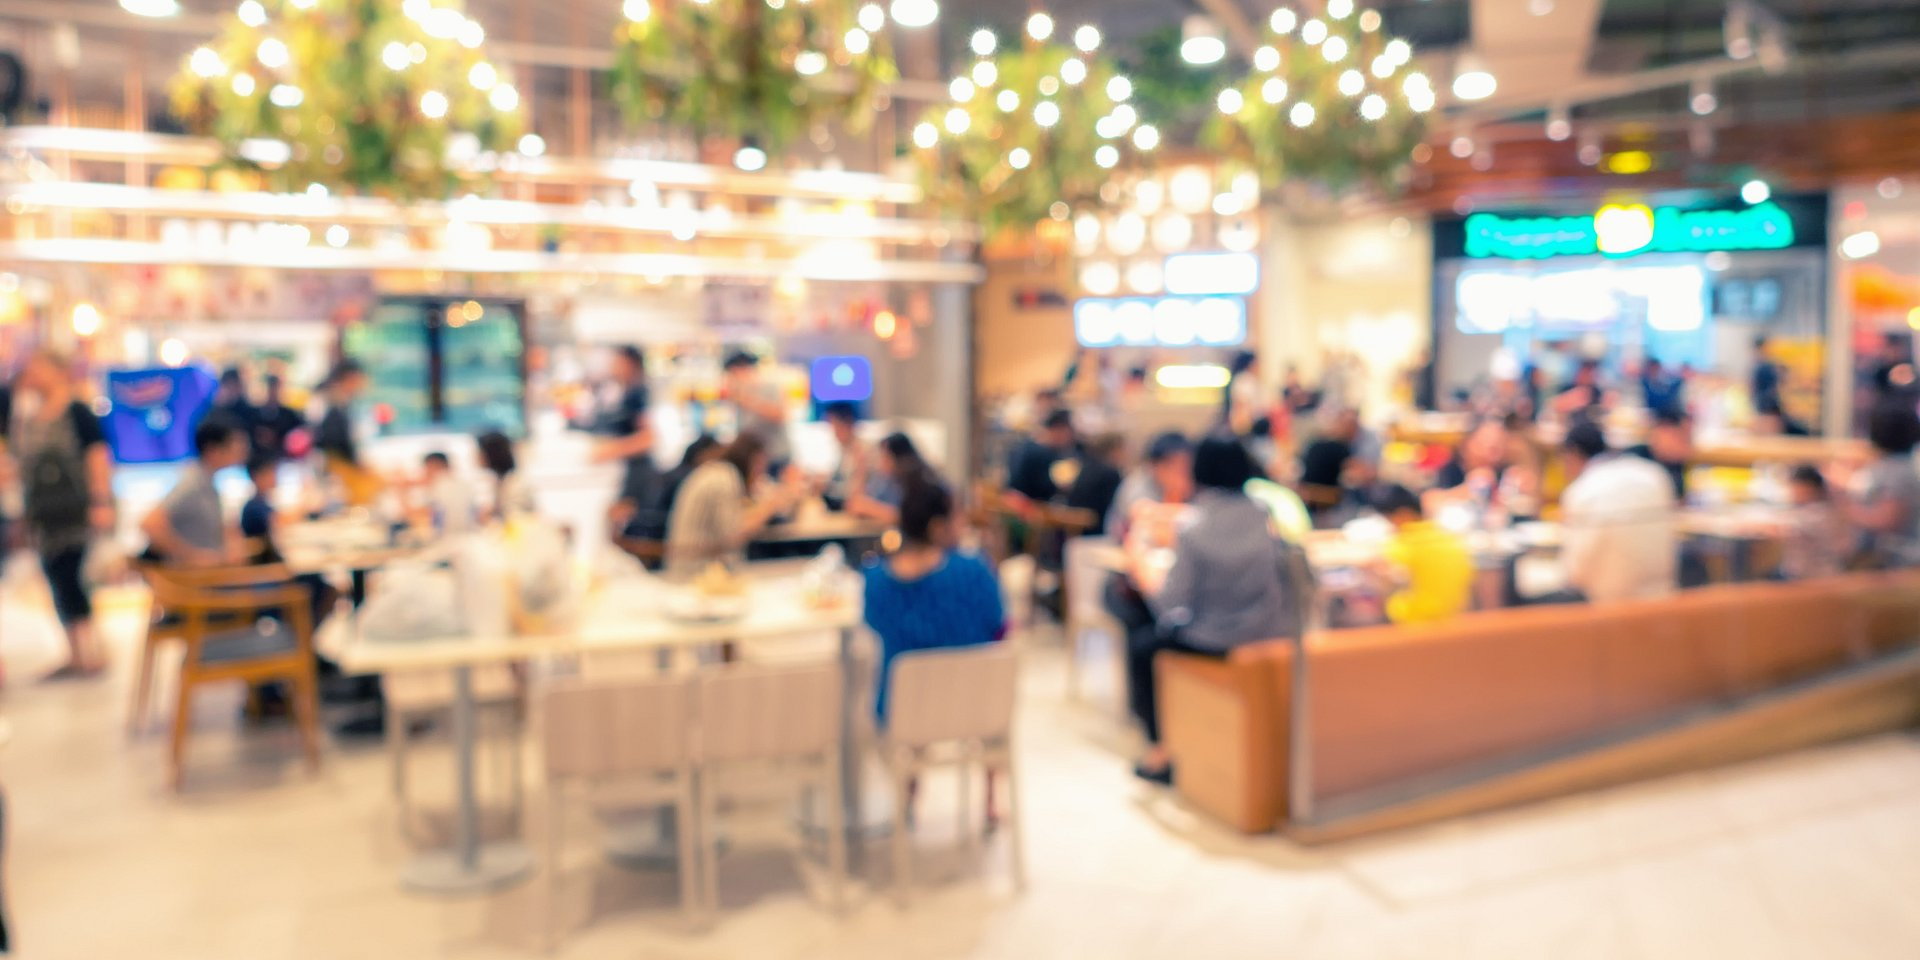 Co trzeci odwiedzający centra handlowe na rozrywkę poświęca co najmniej godzinę